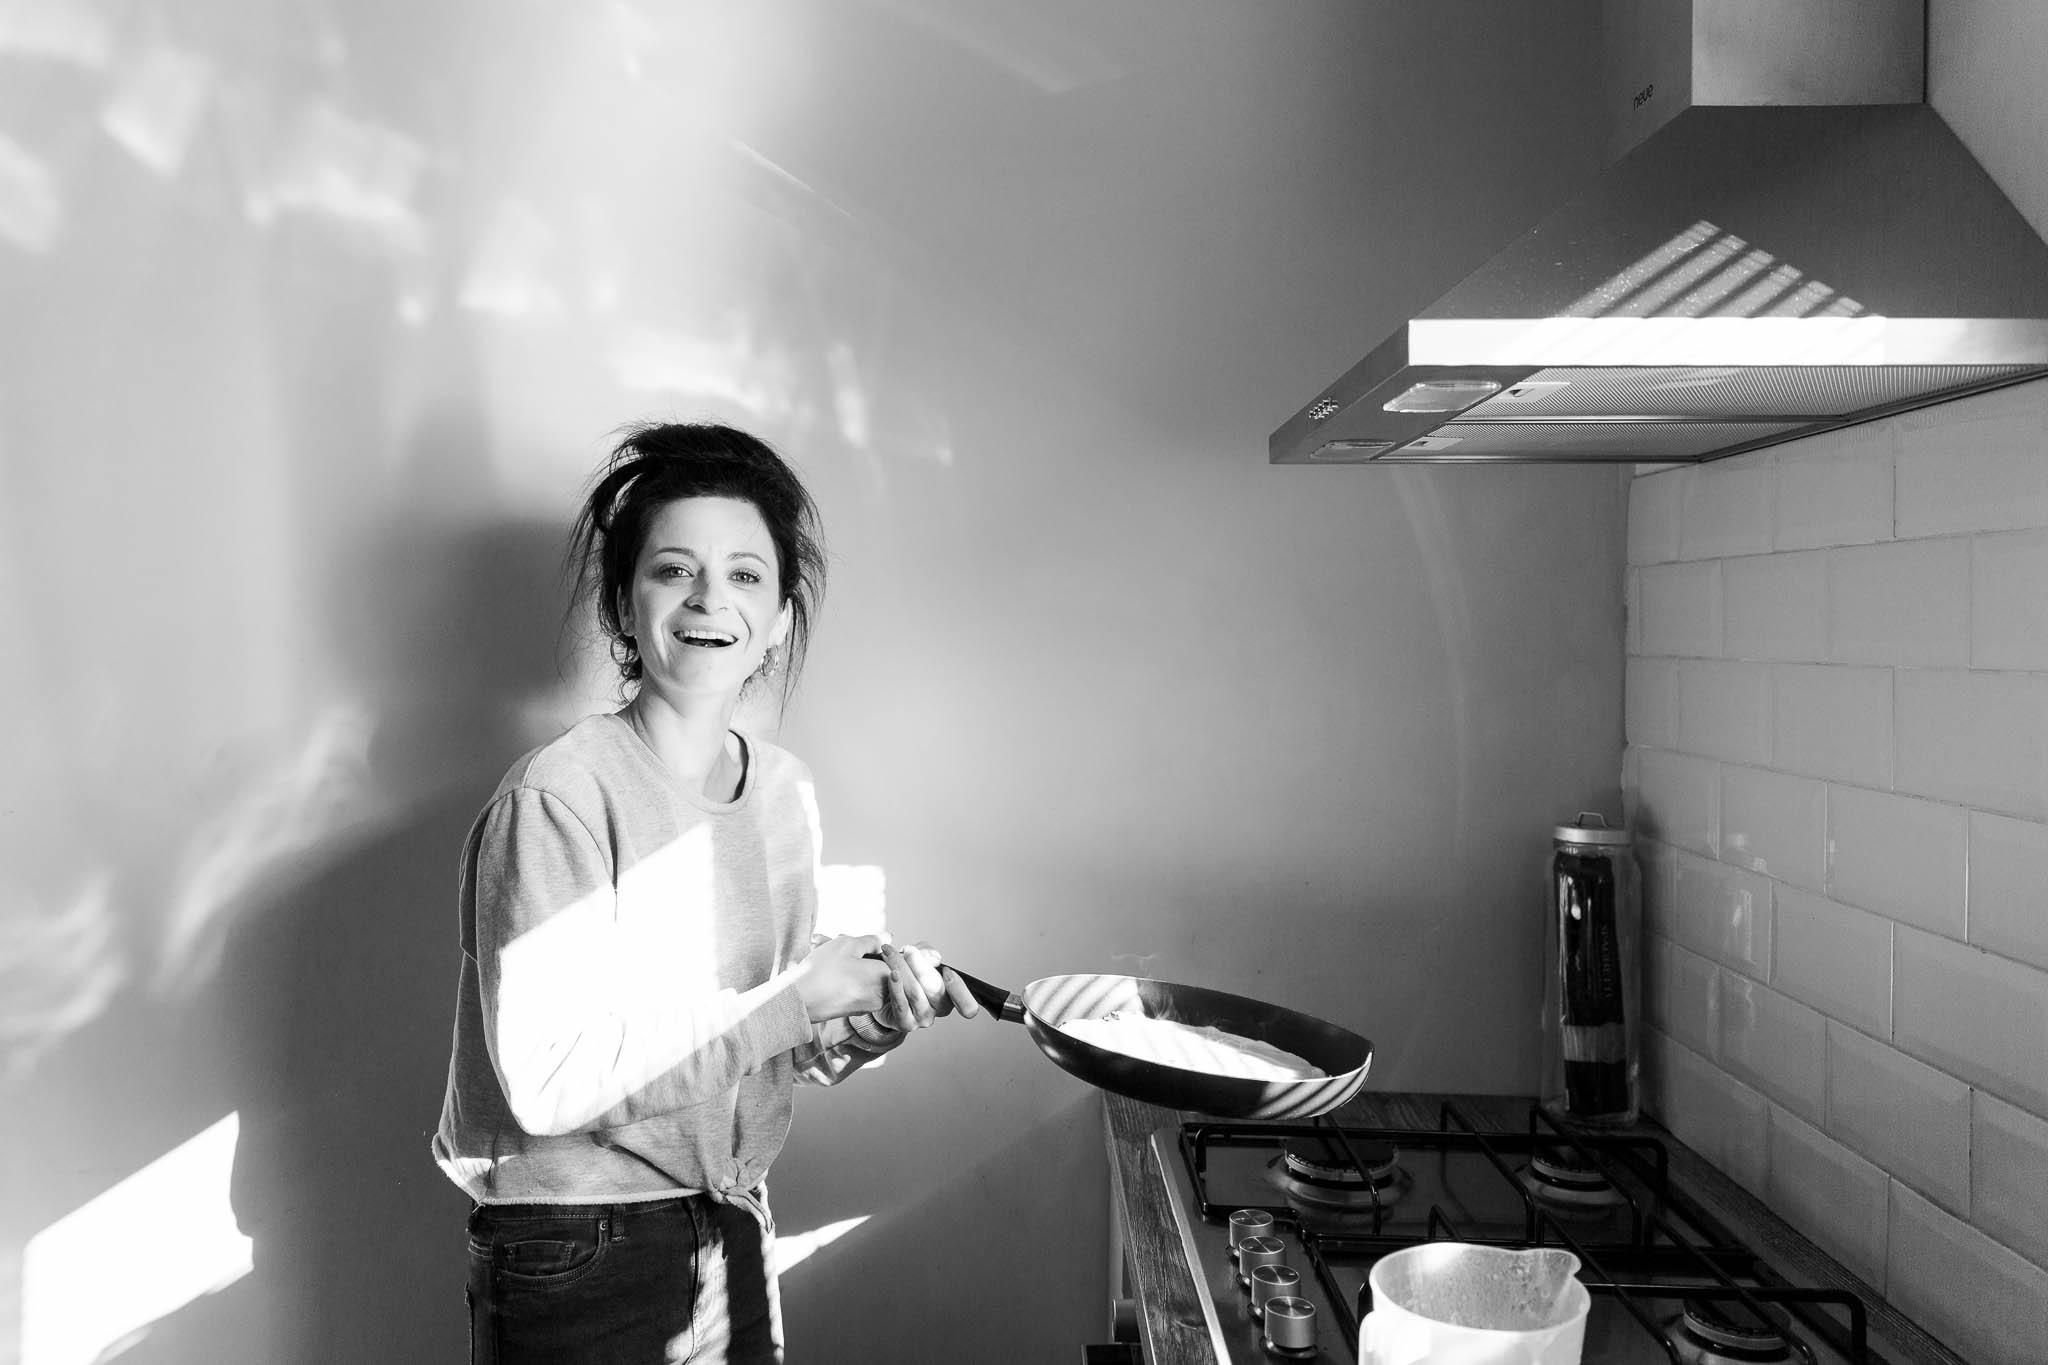 mum flipping pancakes at home